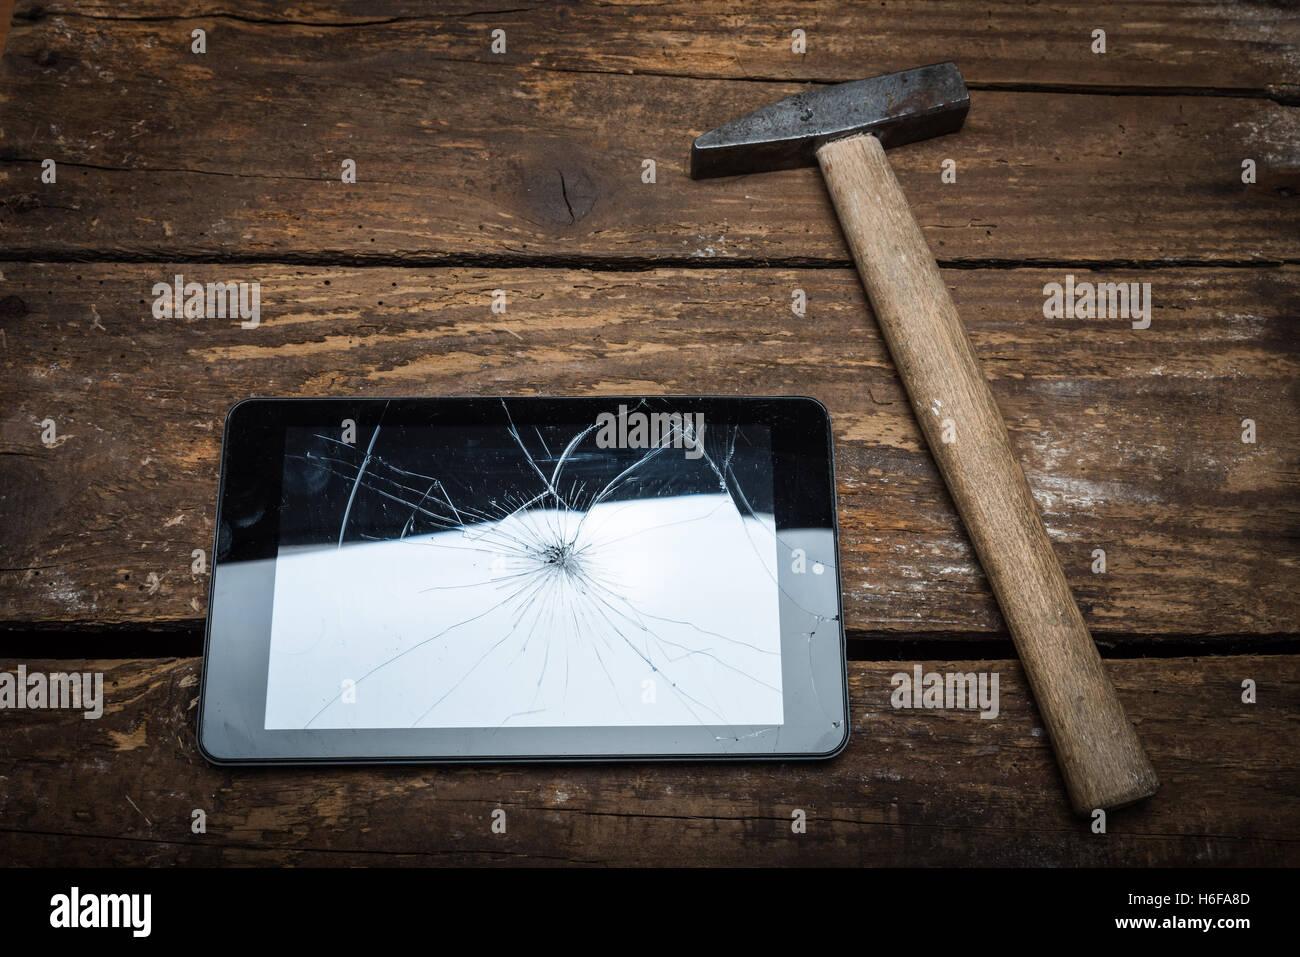 Marteau et d'un comprimé sur la table en bois avec du verre brisé. Banque D'Images